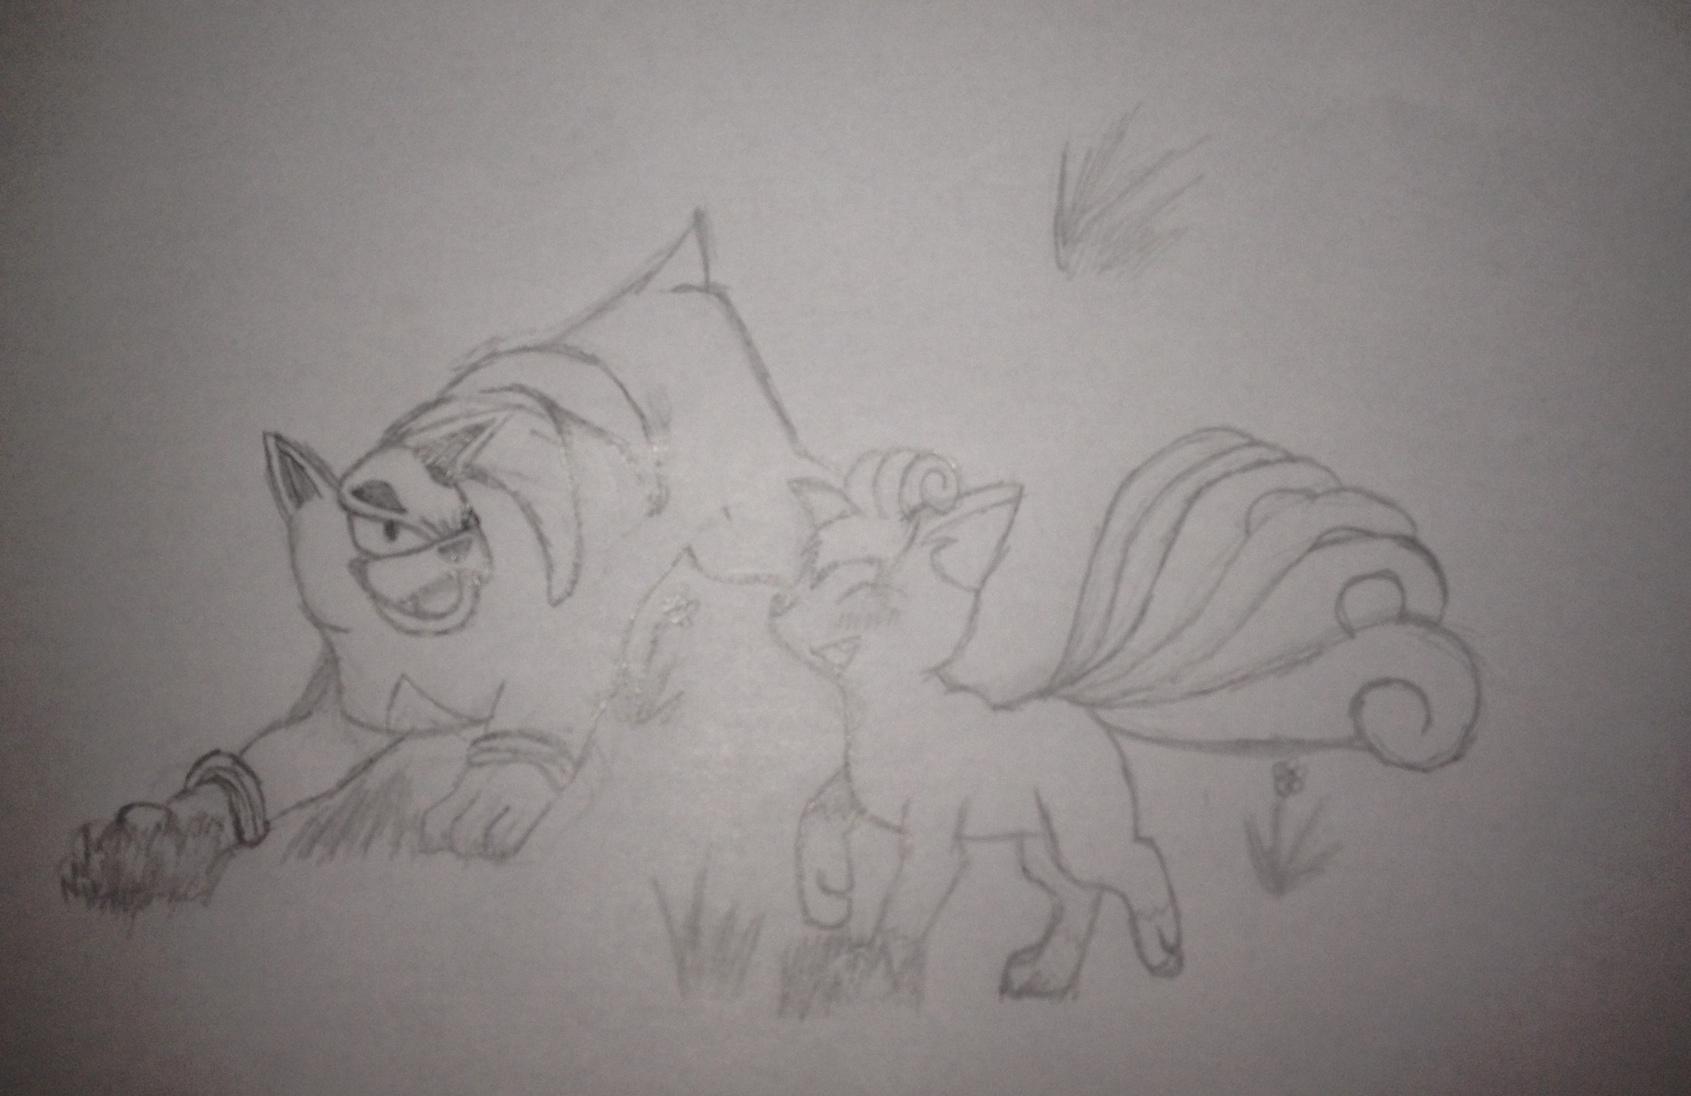 Pokémon-Zeichnung: Skizze Hunduster und Vulpix